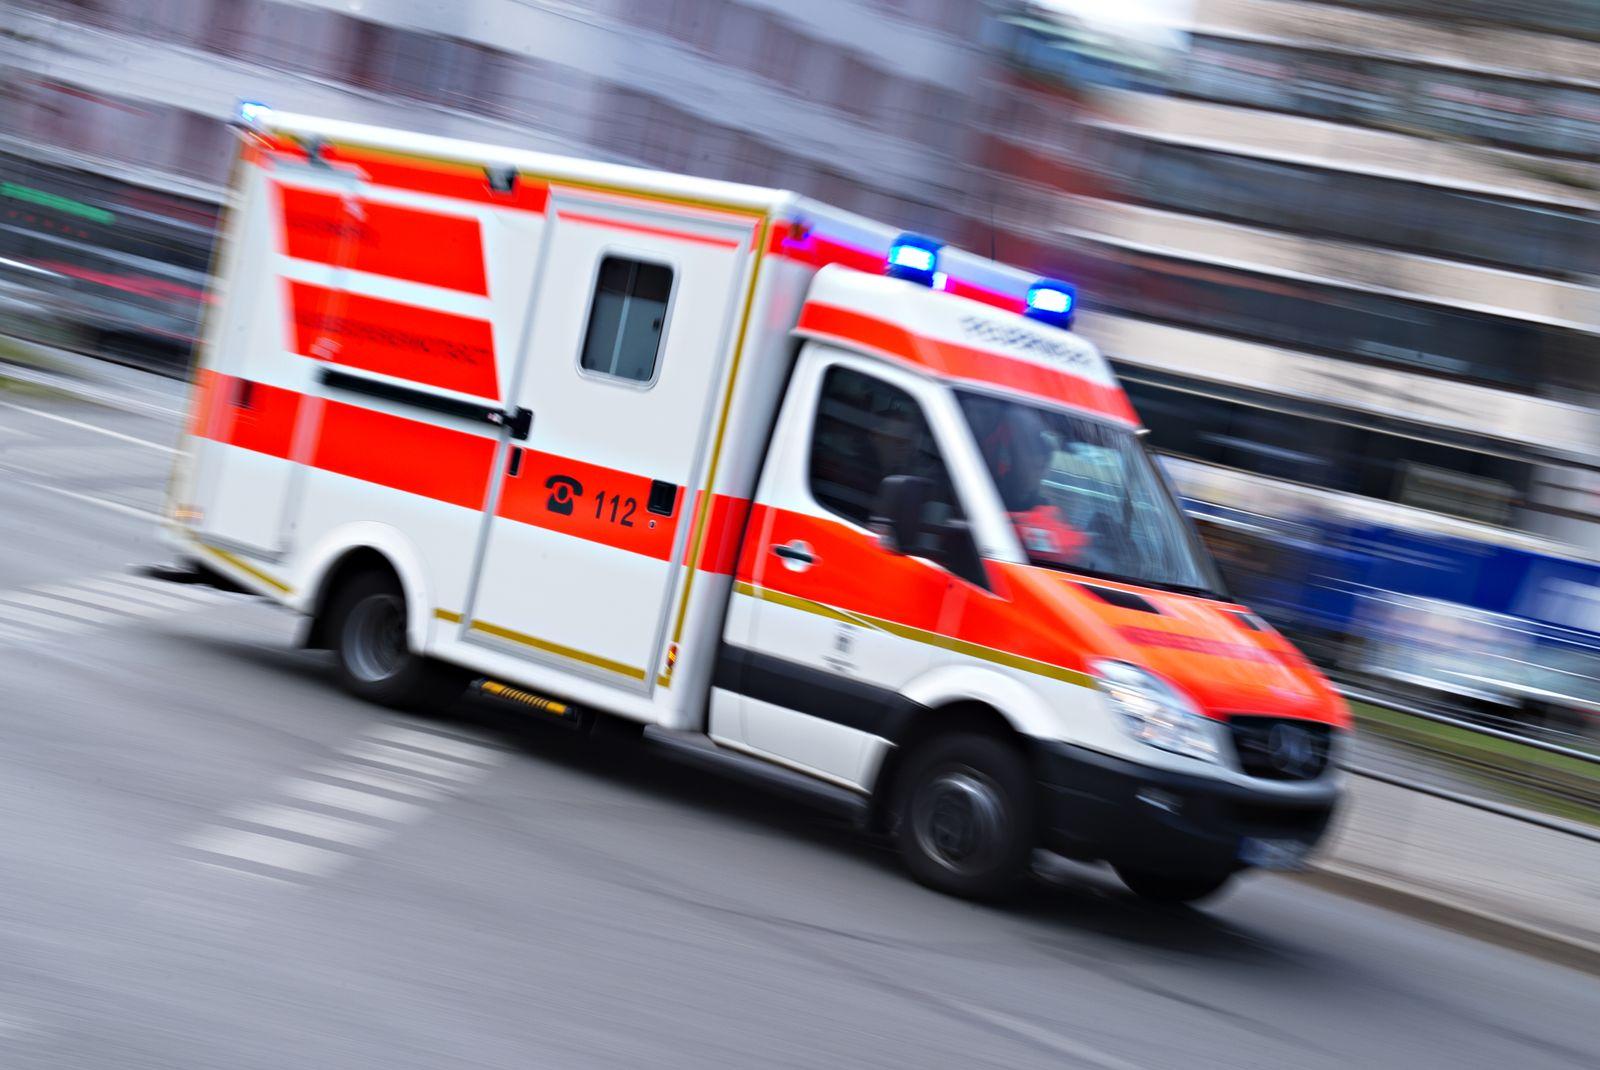 Bleulicht/ Krankenwagen/ Symbolbild